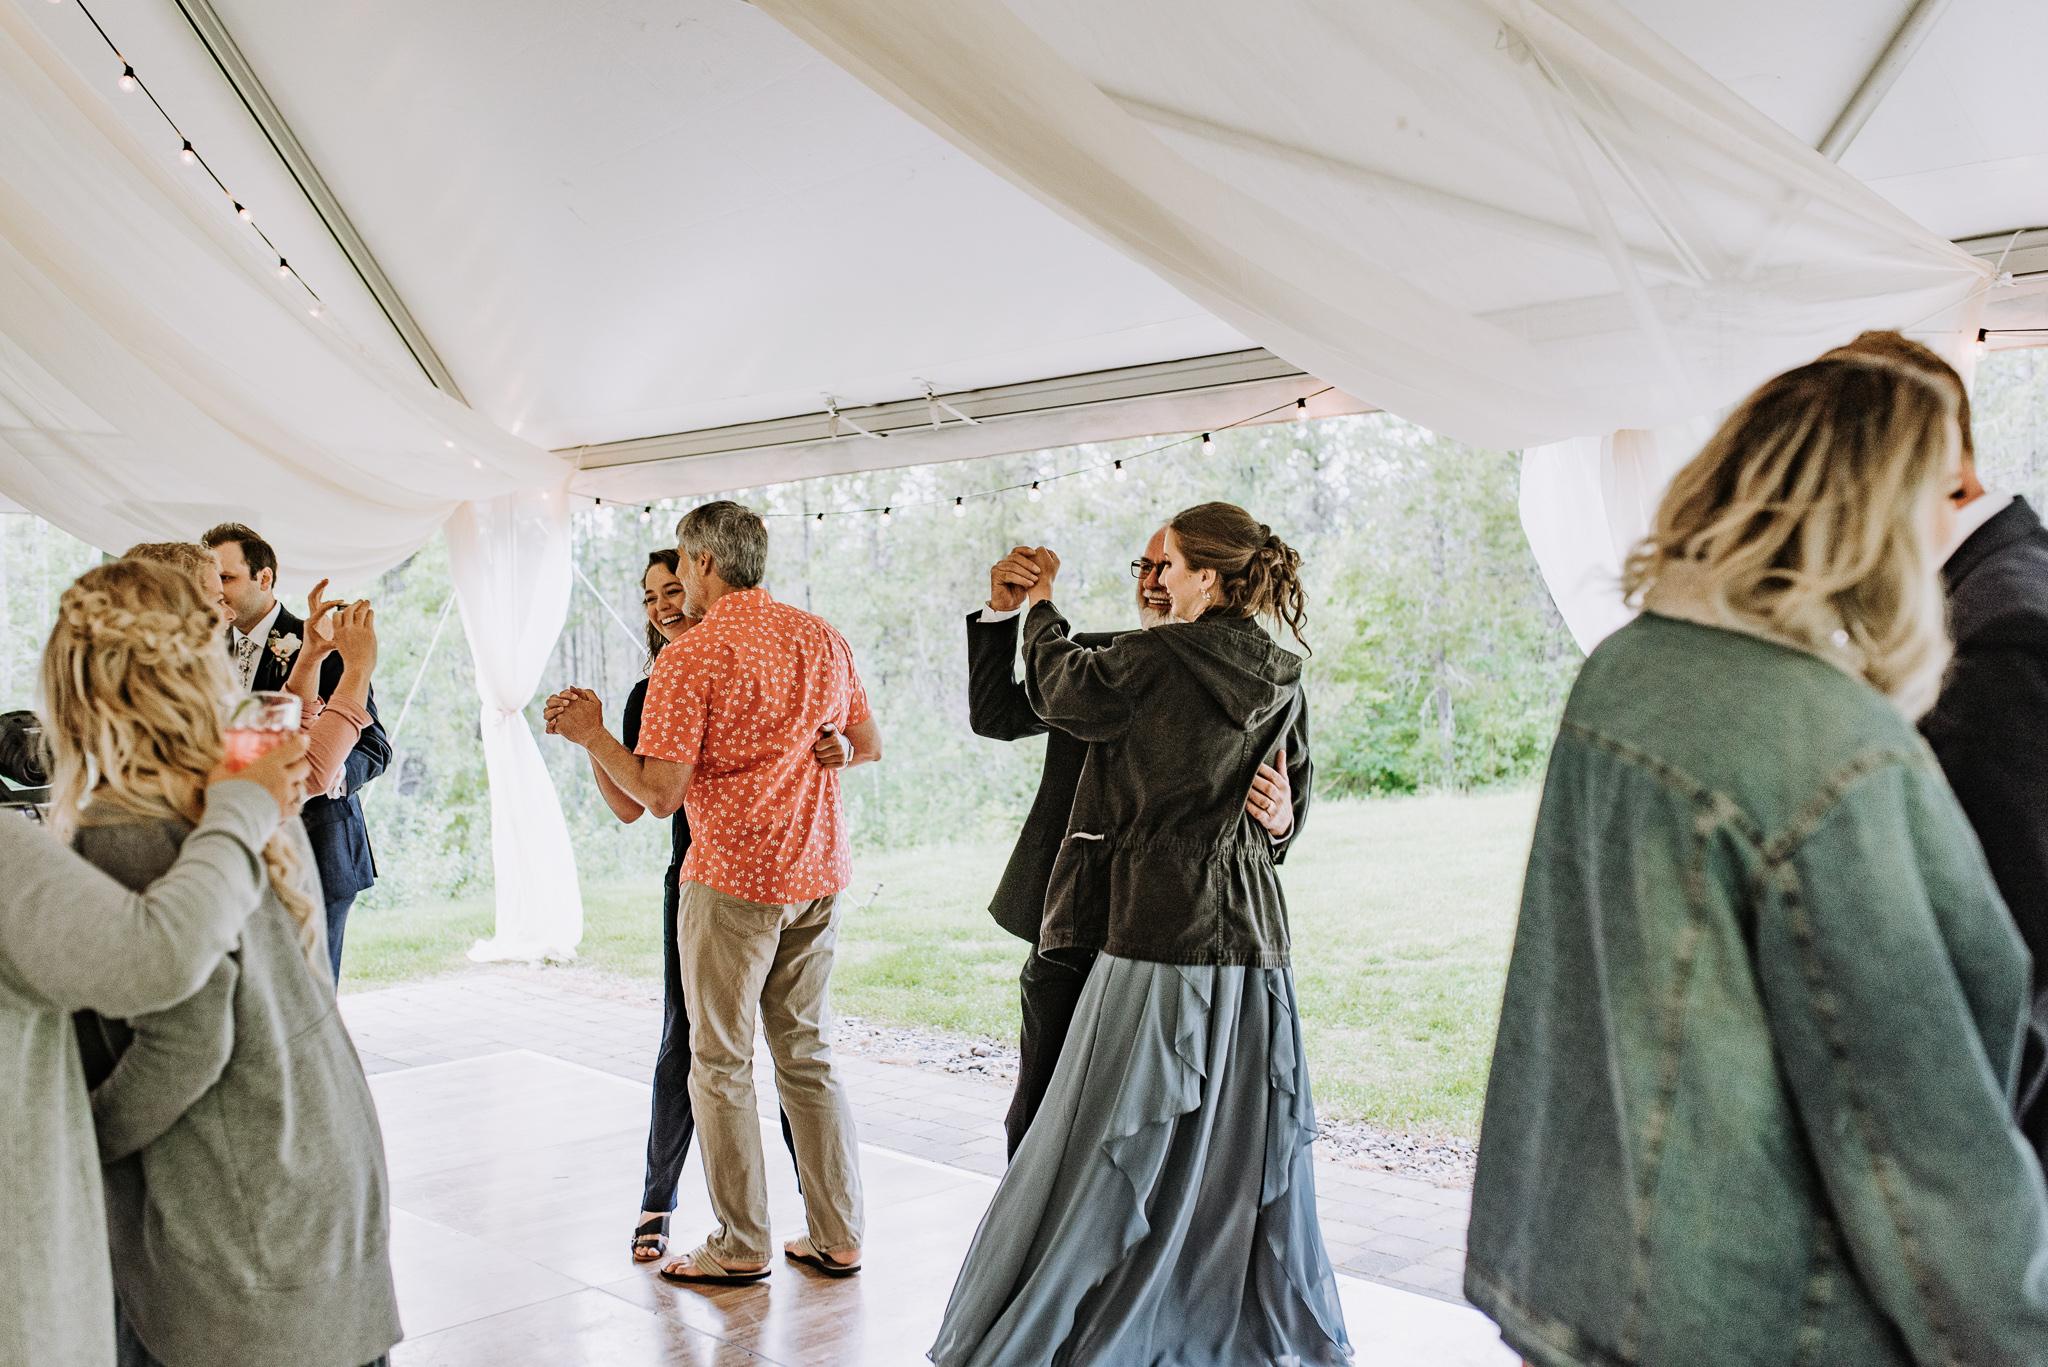 glacier-park-wedding-110.jpg